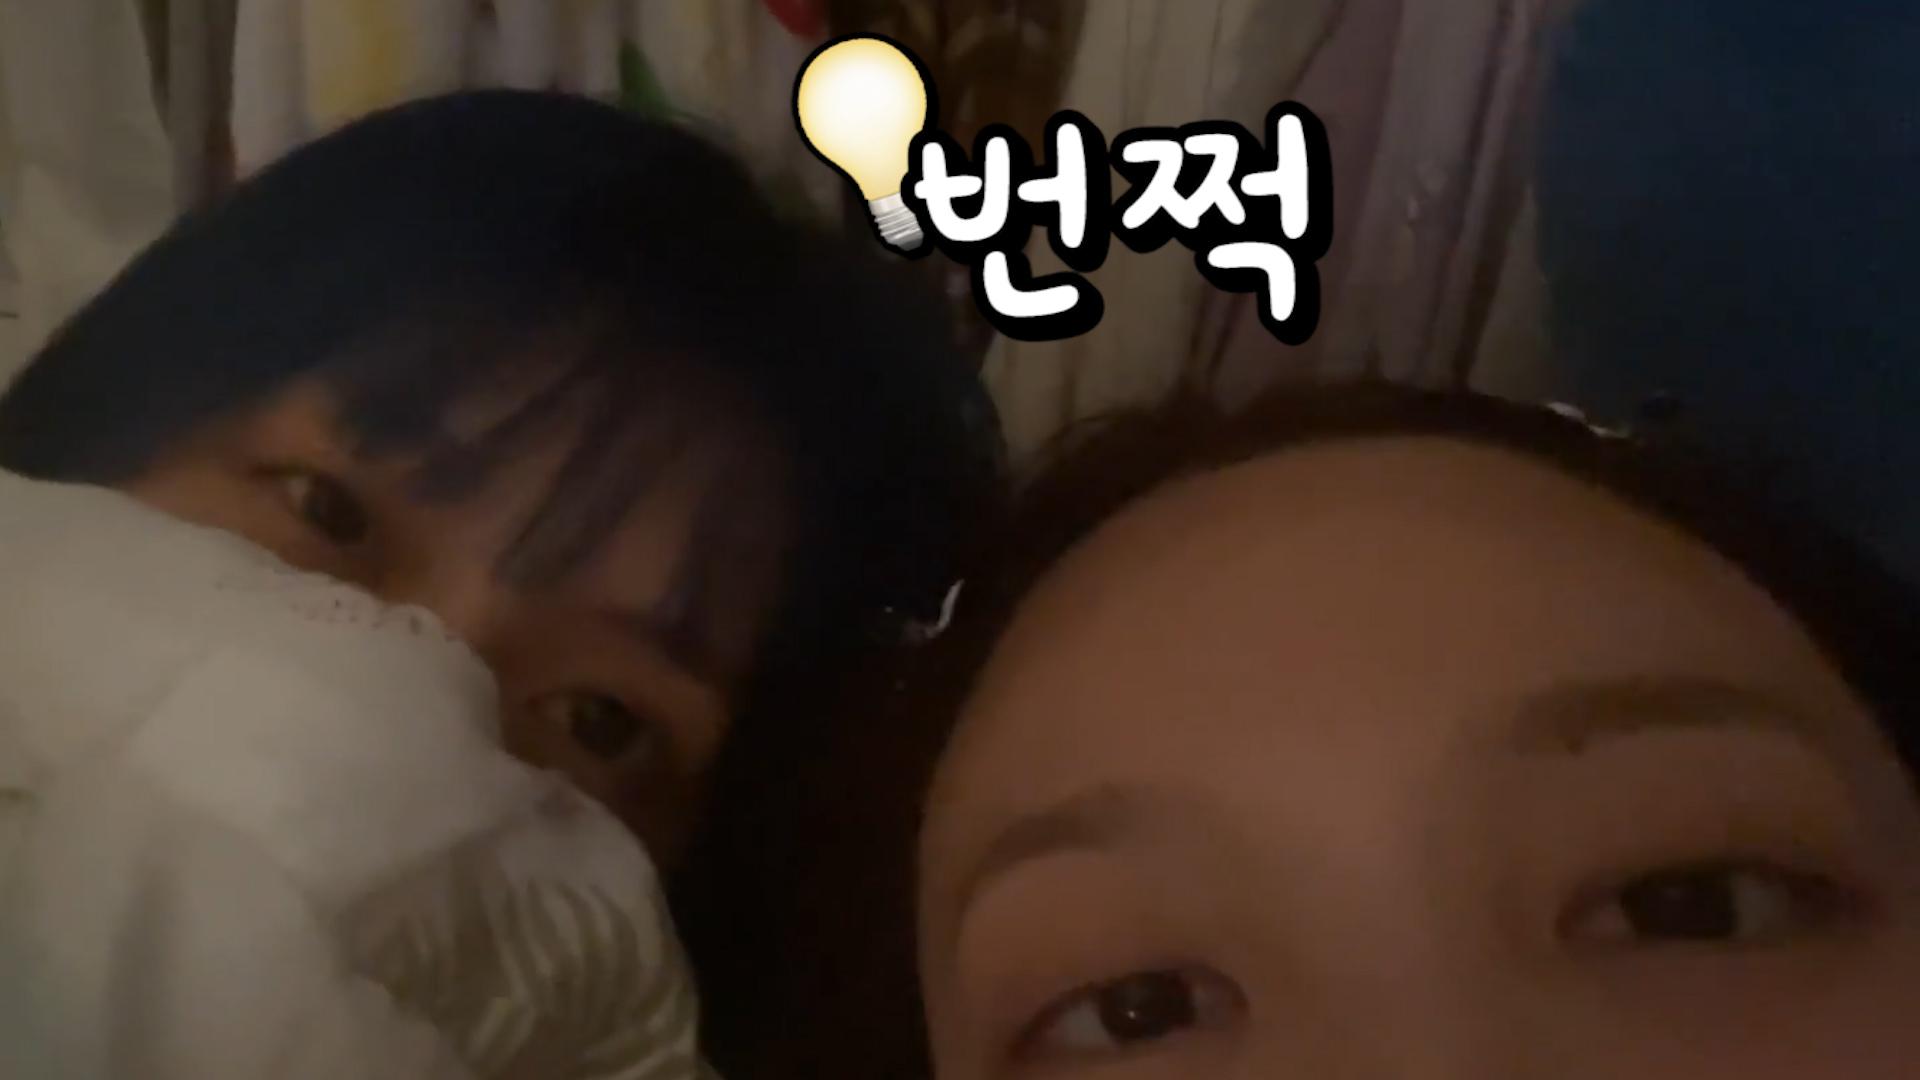 [TWICE] 천재 조명감독견과 함께하는 복자매 BOO이앱✨ (NAYEON&MOMO's V with BOO)